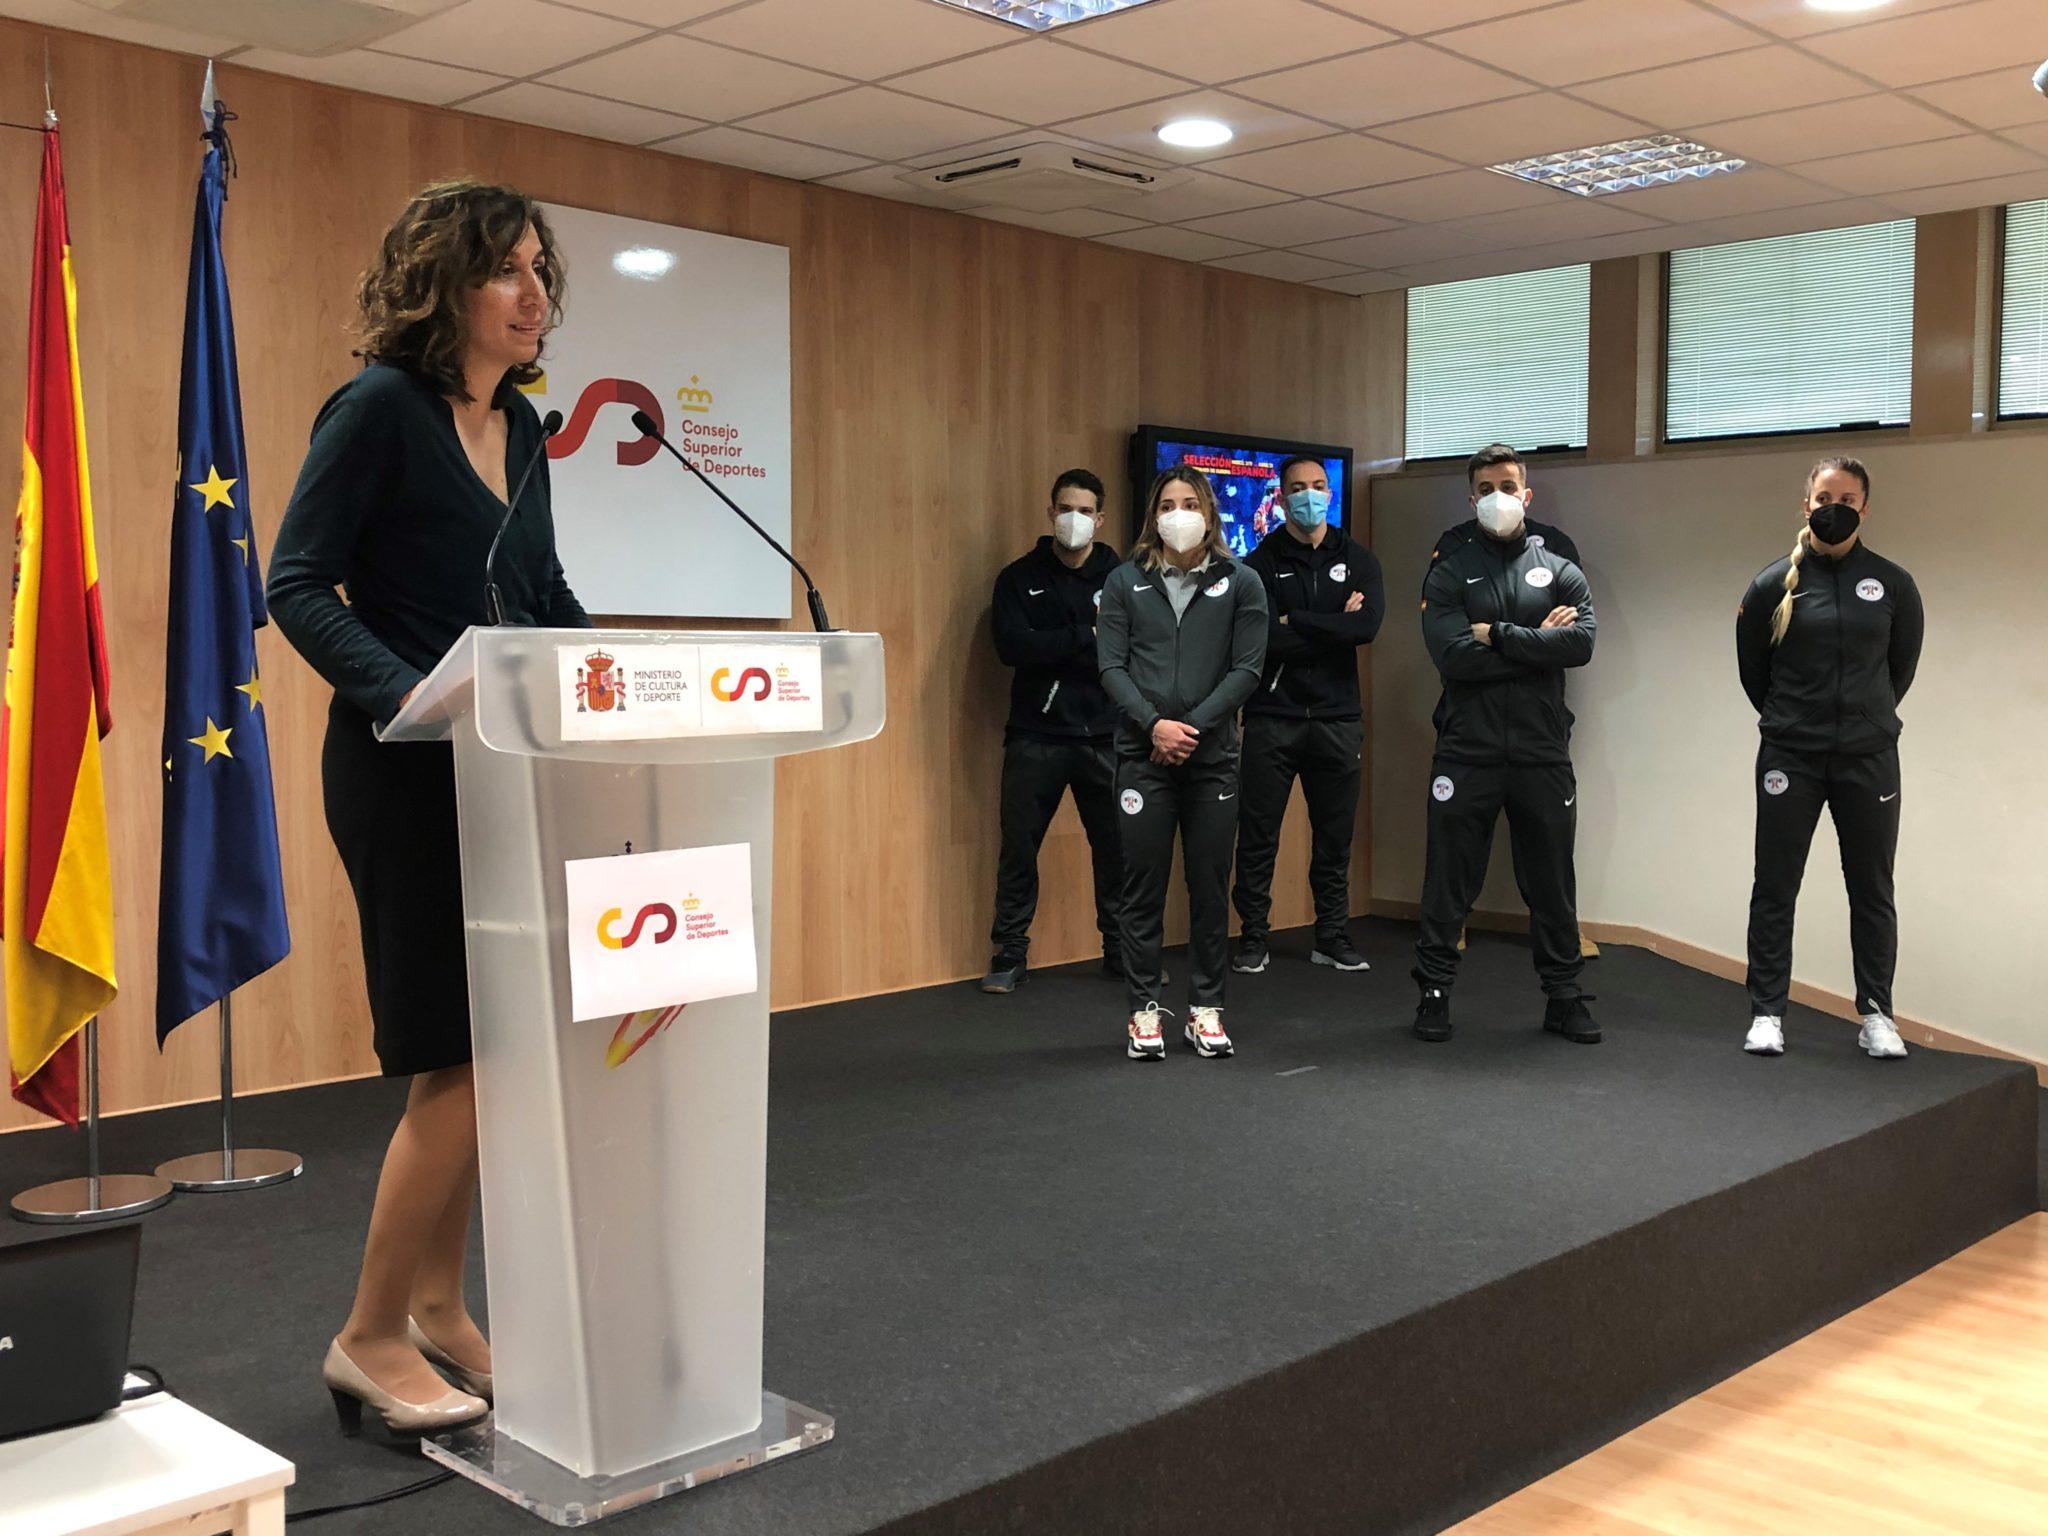 Presentación do equipo español para o Europeo de halterofilia no CSD con Irene Martínez / CSD